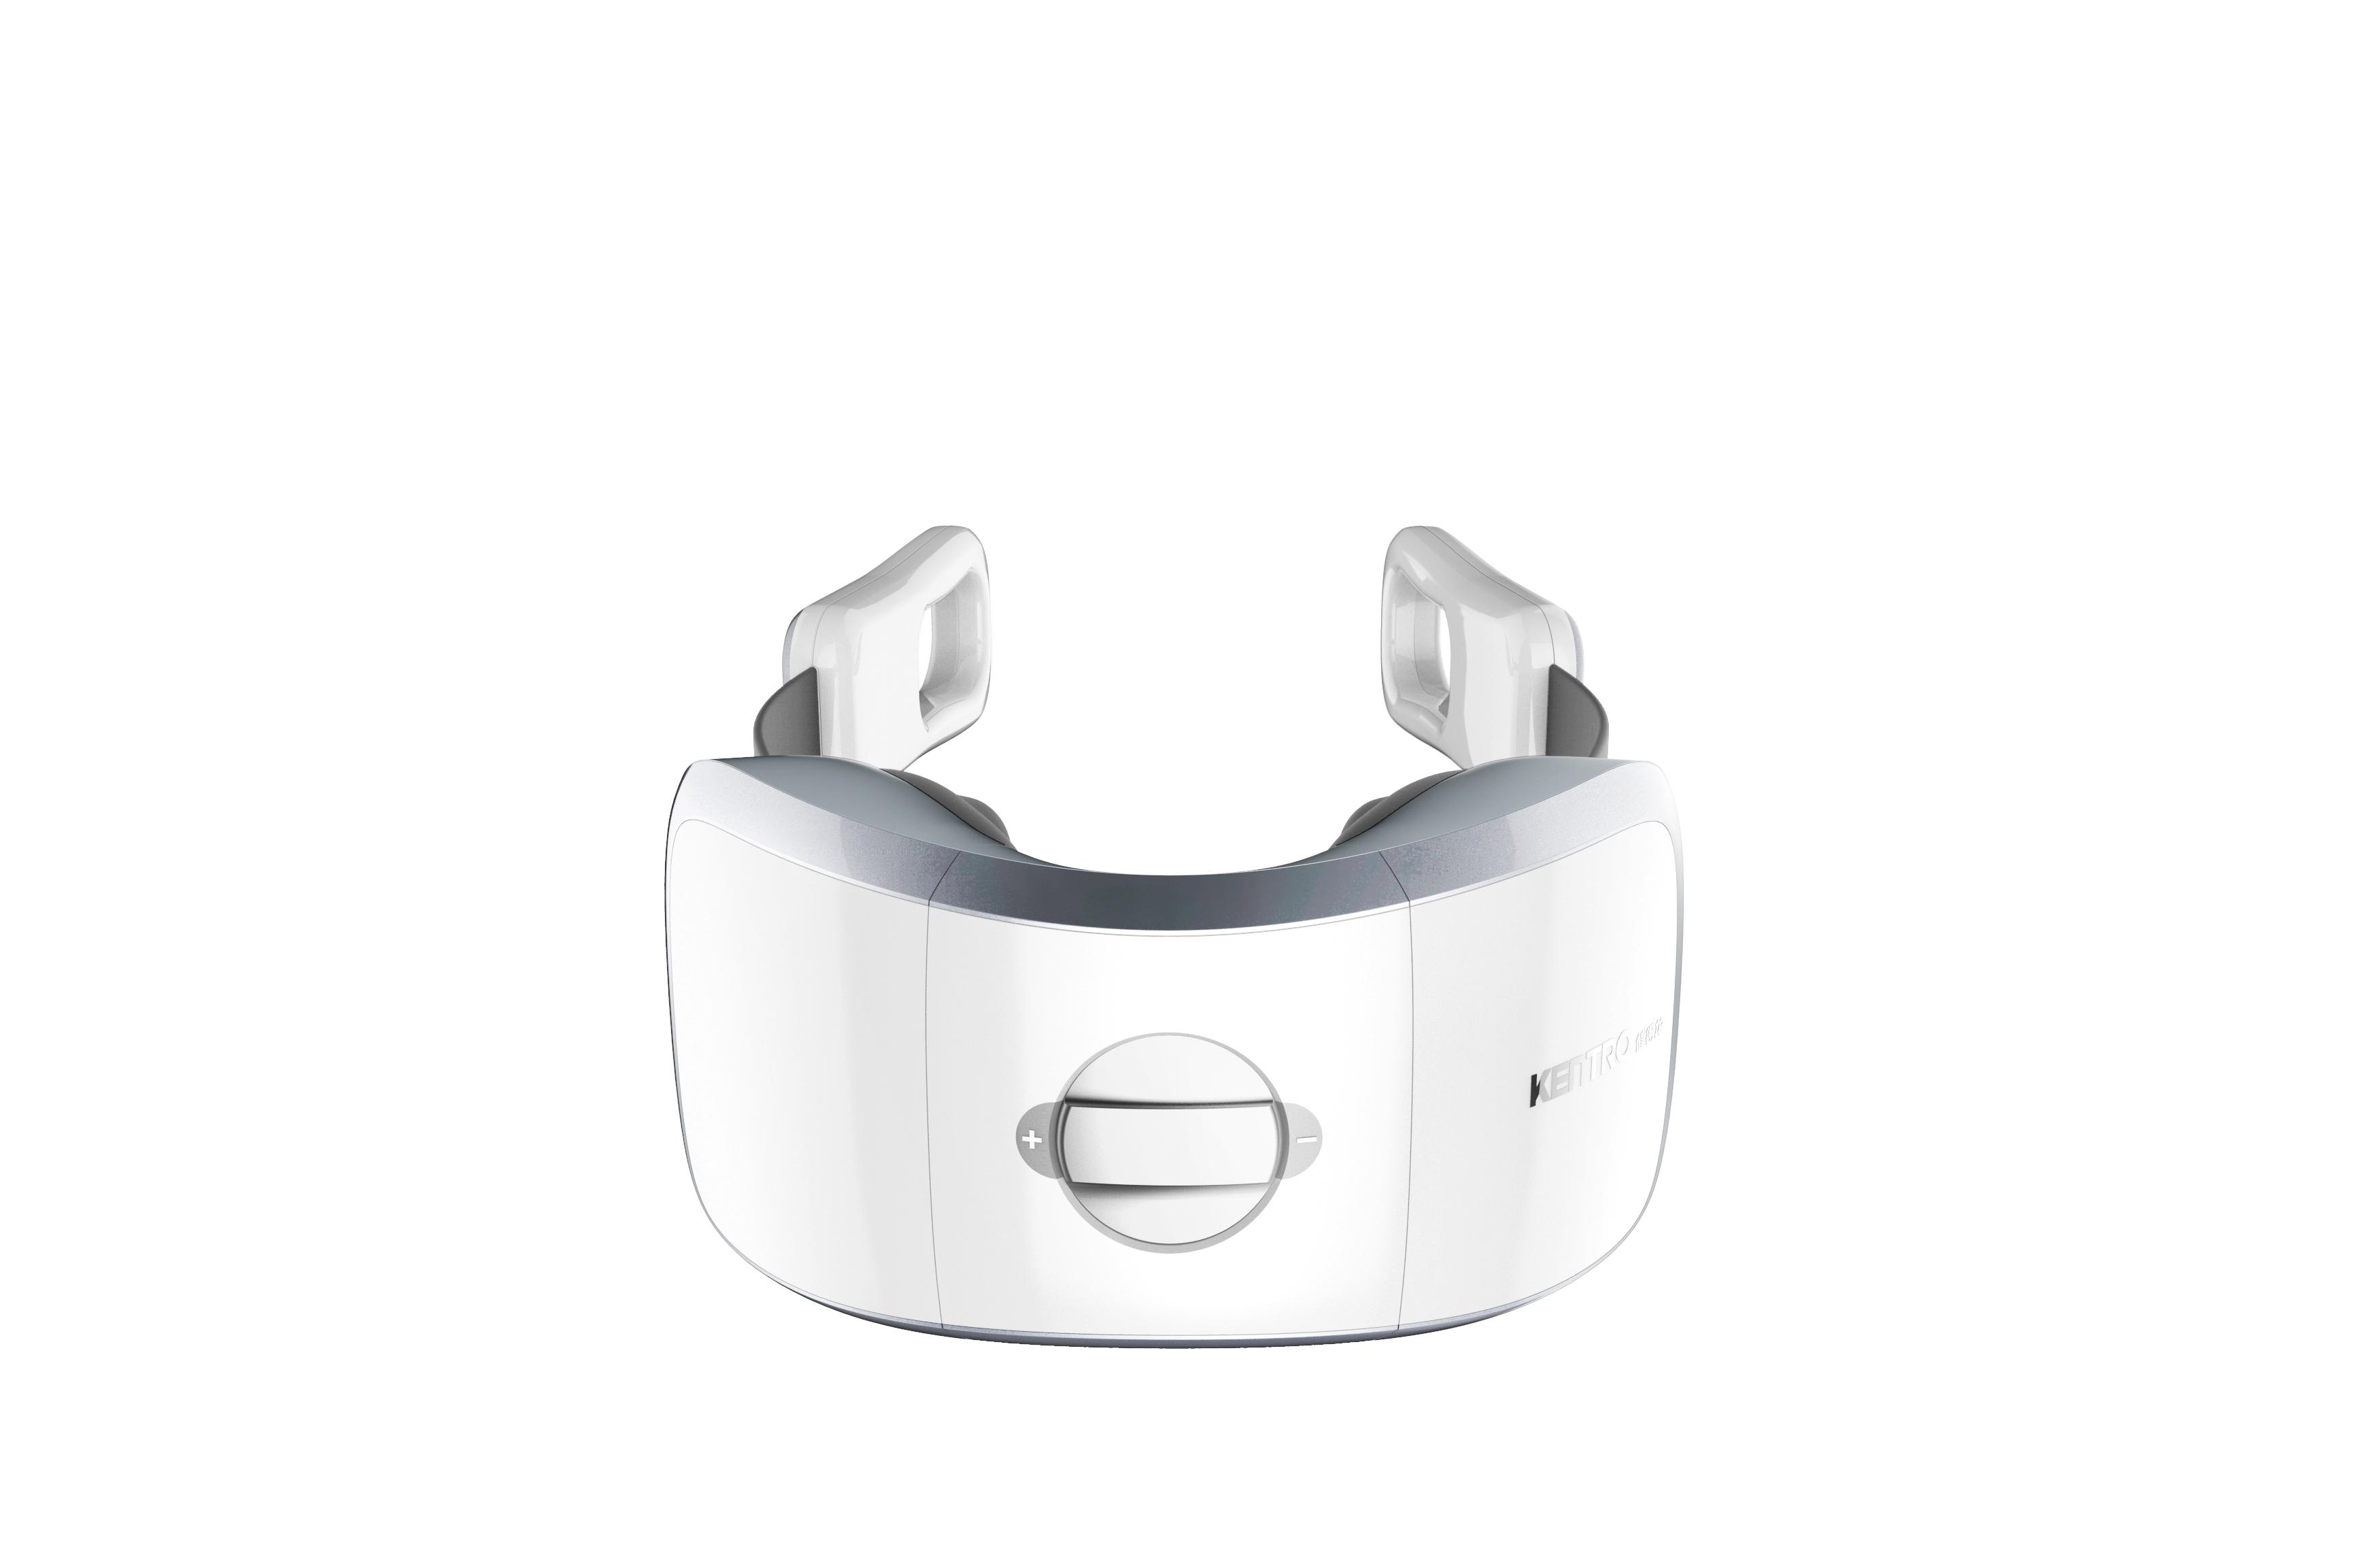 颈椎揉捏按摩器_产品设计-来设计